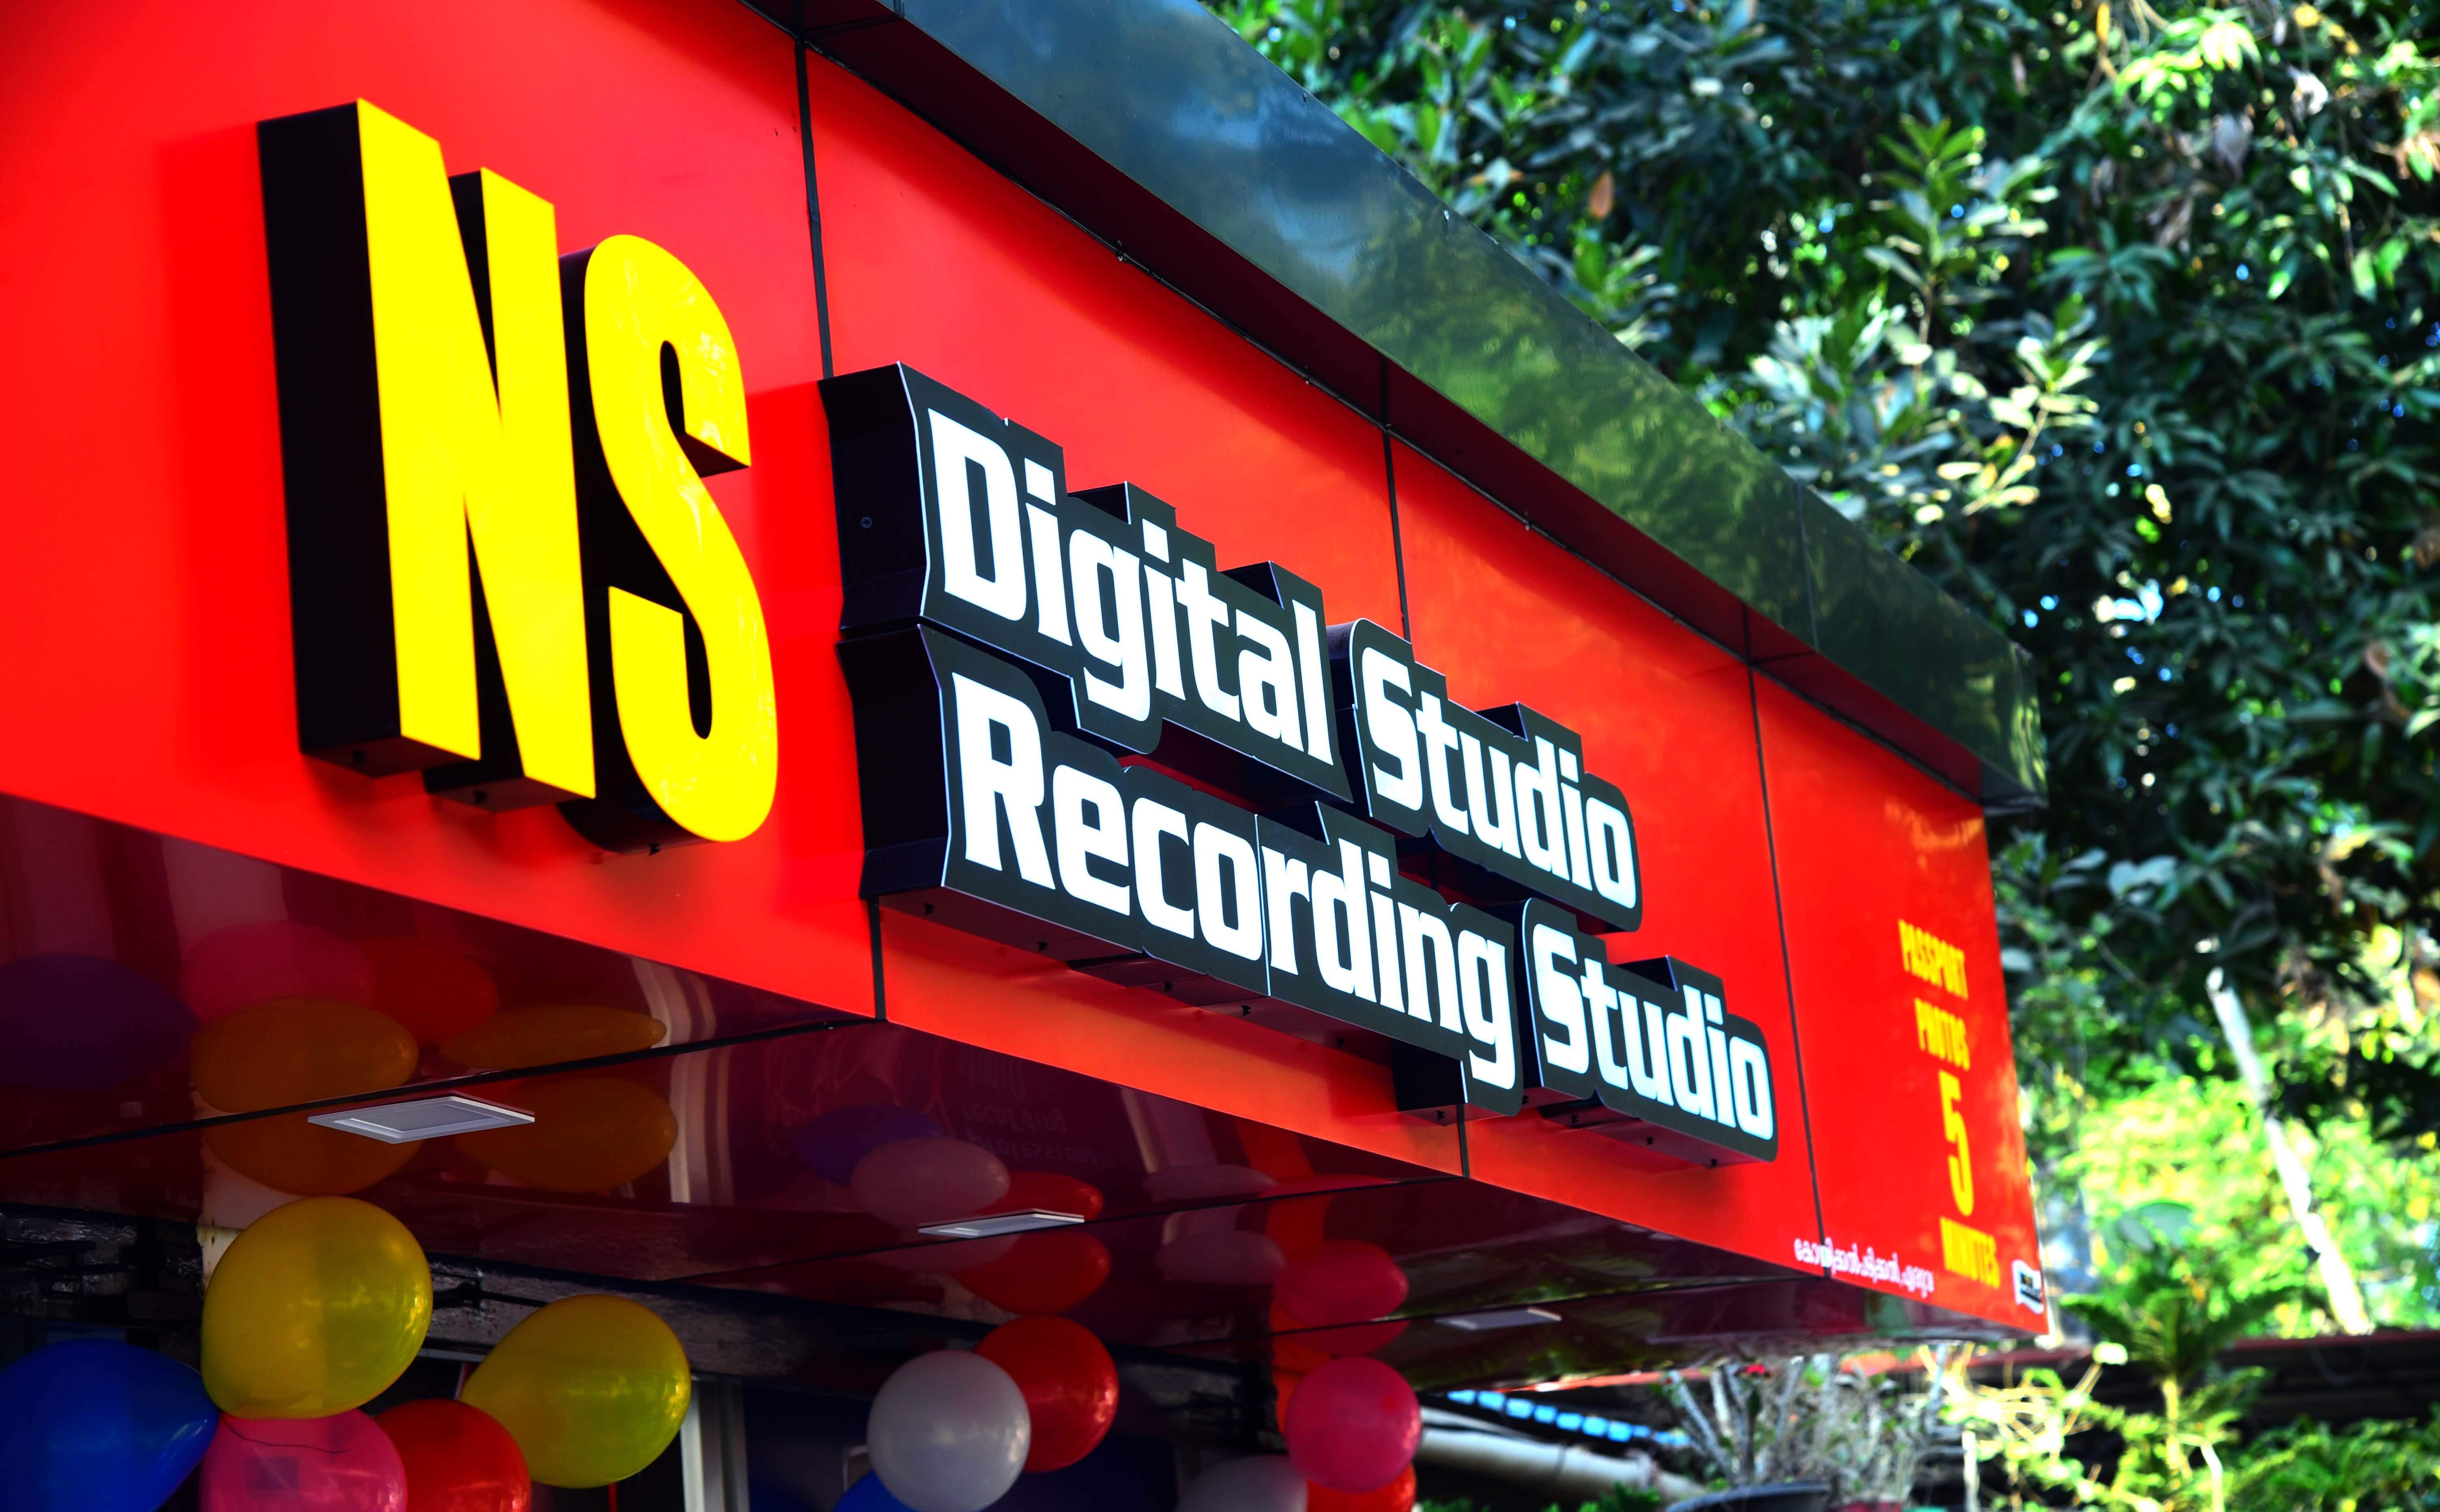 NS Wedding Studio & Recording Studio, RECORDING STUDIO,  service in Kayamkulam, Alappuzha